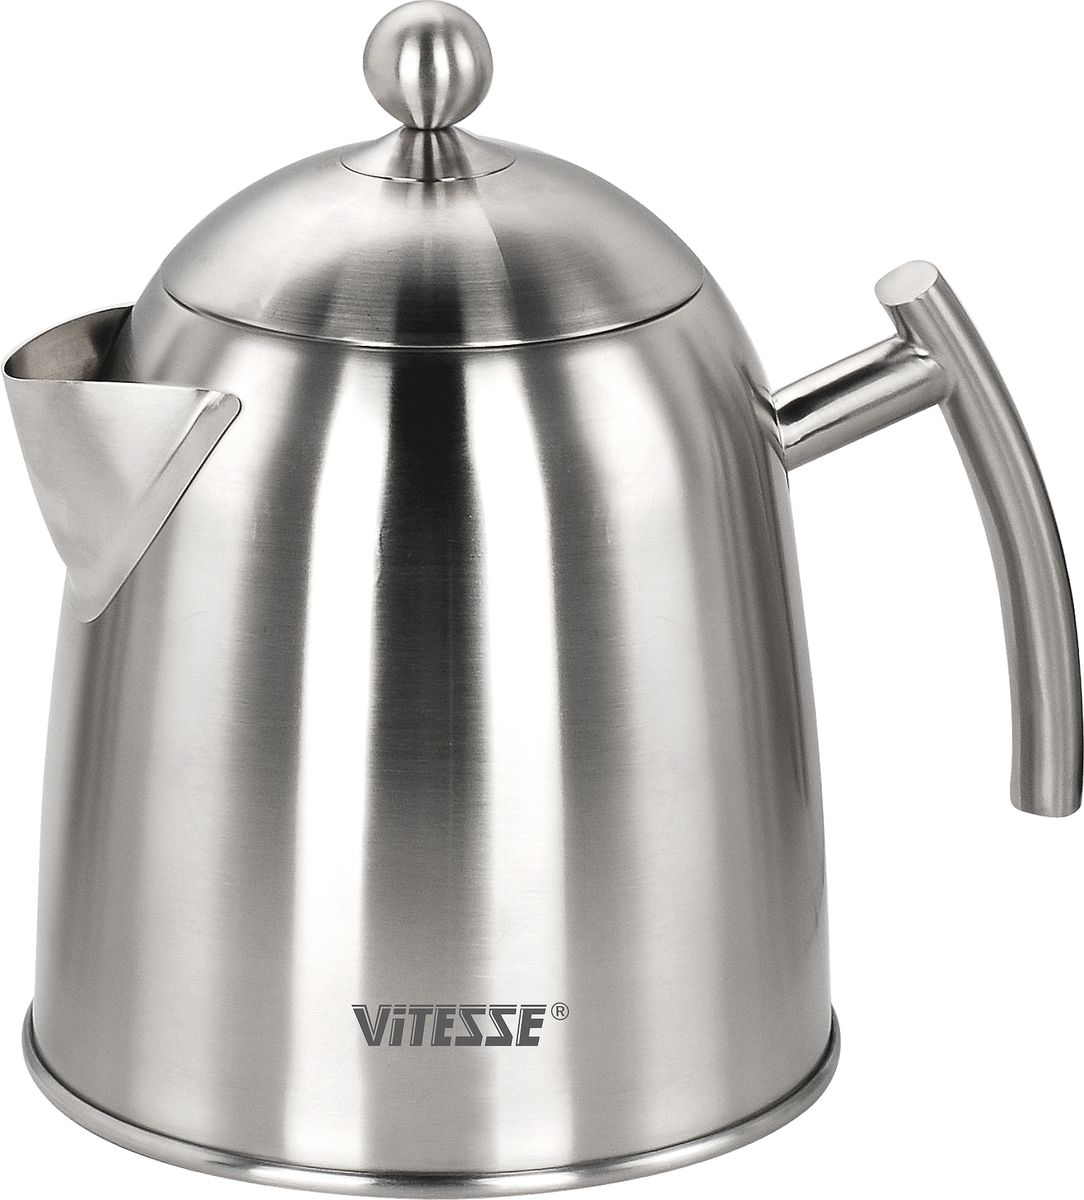 Чайник Vitesse Abella, 1,7 лVS-1113Чайник Abella, выполненный из высококачественной нержавеющей стали с матовой полировкой, предоставит Вам все необходимые возможности для успешного приготовления напитков.Многослойное термоаккумулирующее дно чайника с прослойкой из алюминия обеспечит равномерное распределение тепла. Чайник подходит для газовых, электрических, стеклокерамических и индукционных плит и пригоден для мытья в посудомоечной машине. Характеристики:Материал:нержавеющая сталь. Объем чайника:1,7 л. Высота чайника (без учета крышки):20 см. Диаметр основания чайника:15,5 см. Размер упаковки:23 см х 20,5 см х 16 см. Изготовитель:Китай.Артикул:VS-1113. Кухонная посуда марки Vitesseиз нержавеющей стали 18/10 предоставит Вам все необходимое для получения удовольствия от приготовления пищи и принесет радость от его результатов. Посуда Vitesse обладает выдающимися функциональными свойствами. Легкие в уходе кастрюли и сковородки имеют плотно закрывающиеся крышки, которые дают возможность готовить с малым количеством воды и экономией энергии, и идеально подходят для всех видов плит: газовых, электрических, стеклокерамических и индукционных. Конструкция дна посуды гарантирует быстрое поглощение тепла, его равномерное распределение и сохранение.Великолепно отполированная поверхность, а также многочисленные конструктивные новшества, заложенные во все изделия Vitesse, позволит Вам открыть новые горизонты приготовления уже знакомых блюд.Для производства посуды Vitesseиспользуются только высококачественные материалы, которые соответствуют международным стандартам.